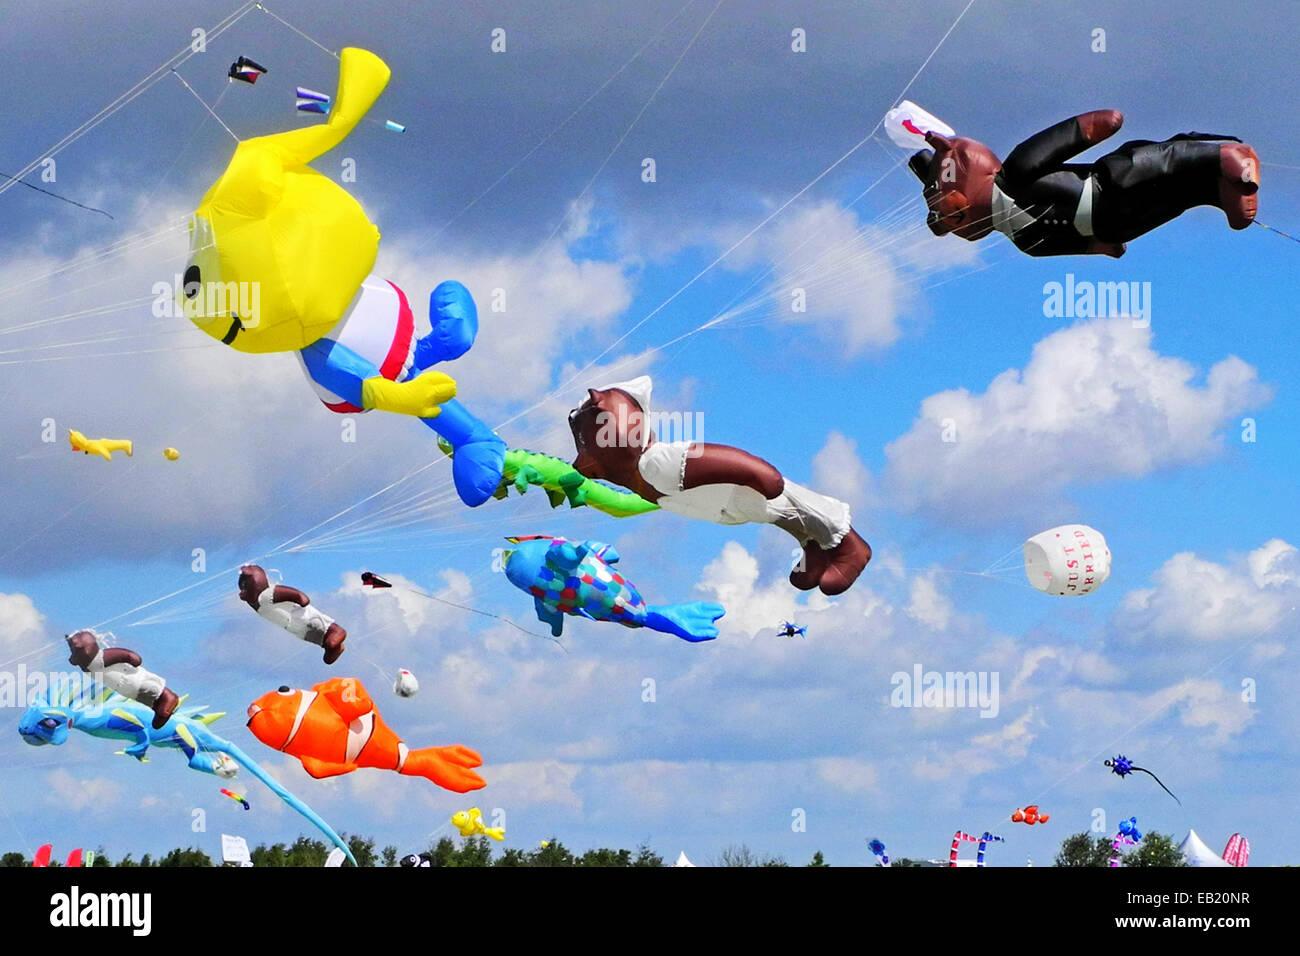 Kite festival on the beach in Schillig - Stock Image